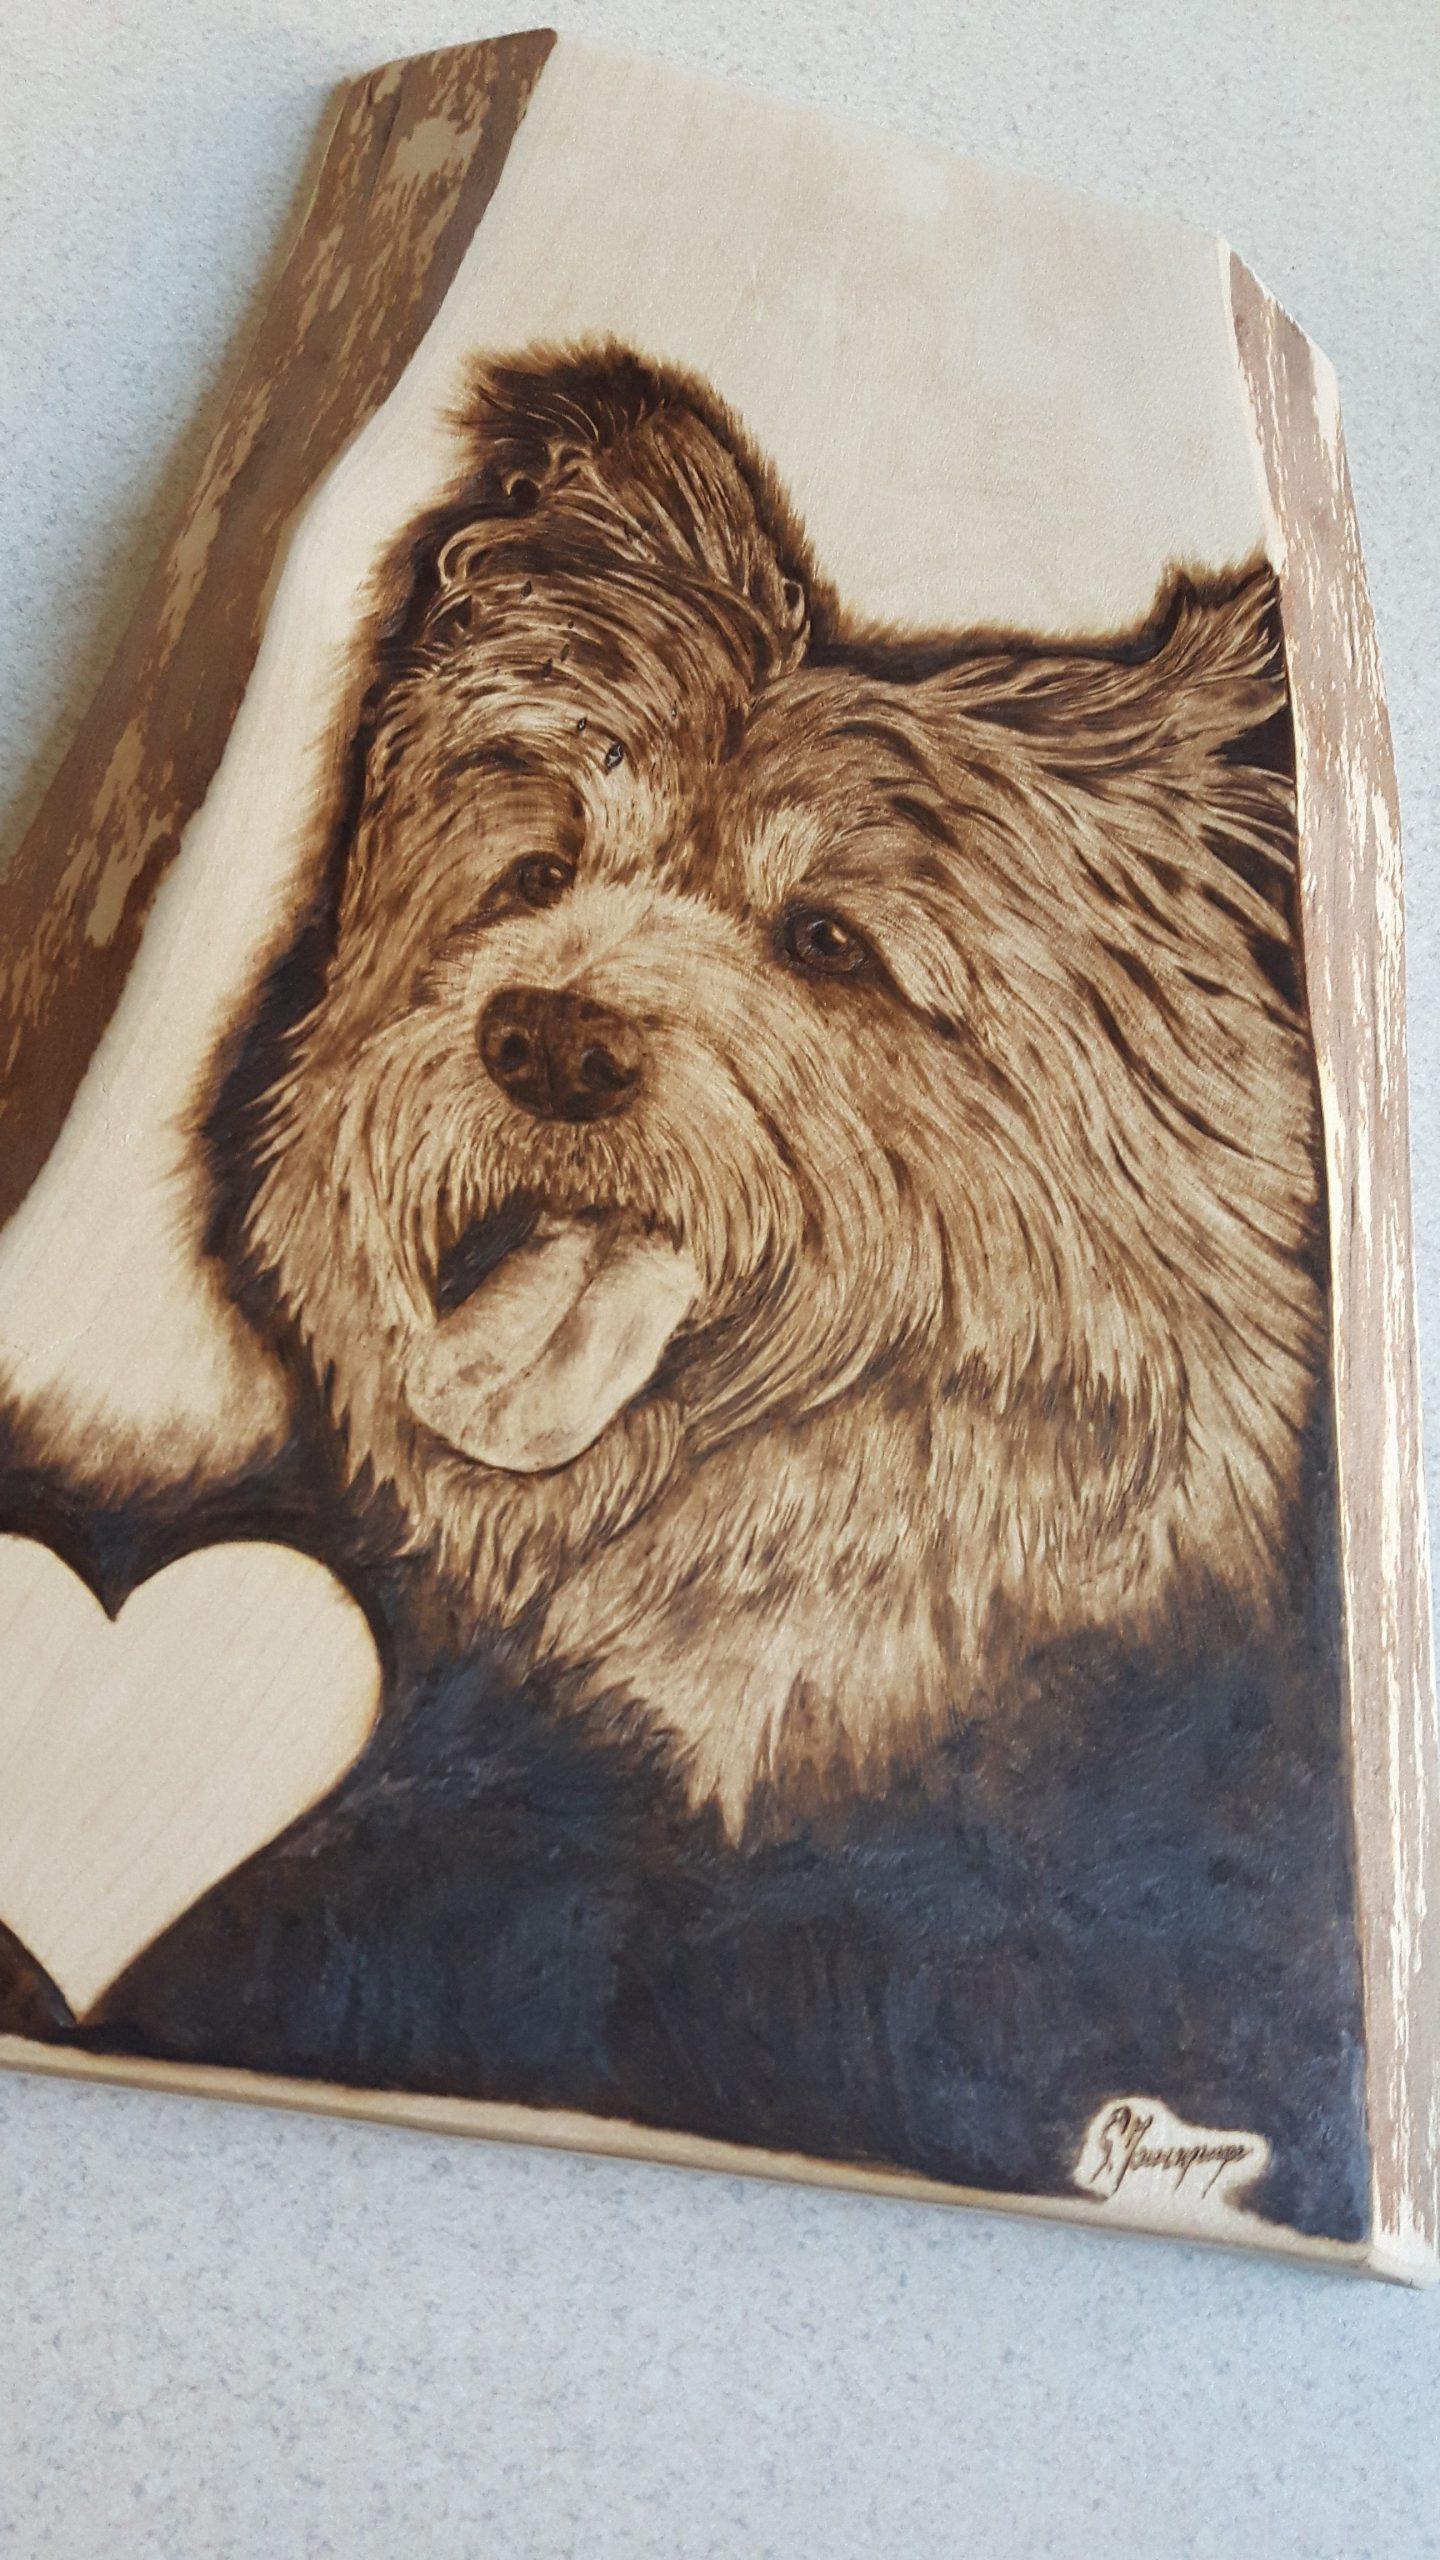 portret psa wypalanie w drewnie, sylwia, pirografia, janczyszyn, pyrography, handmade, rękodzieło, pomysł na prezent,